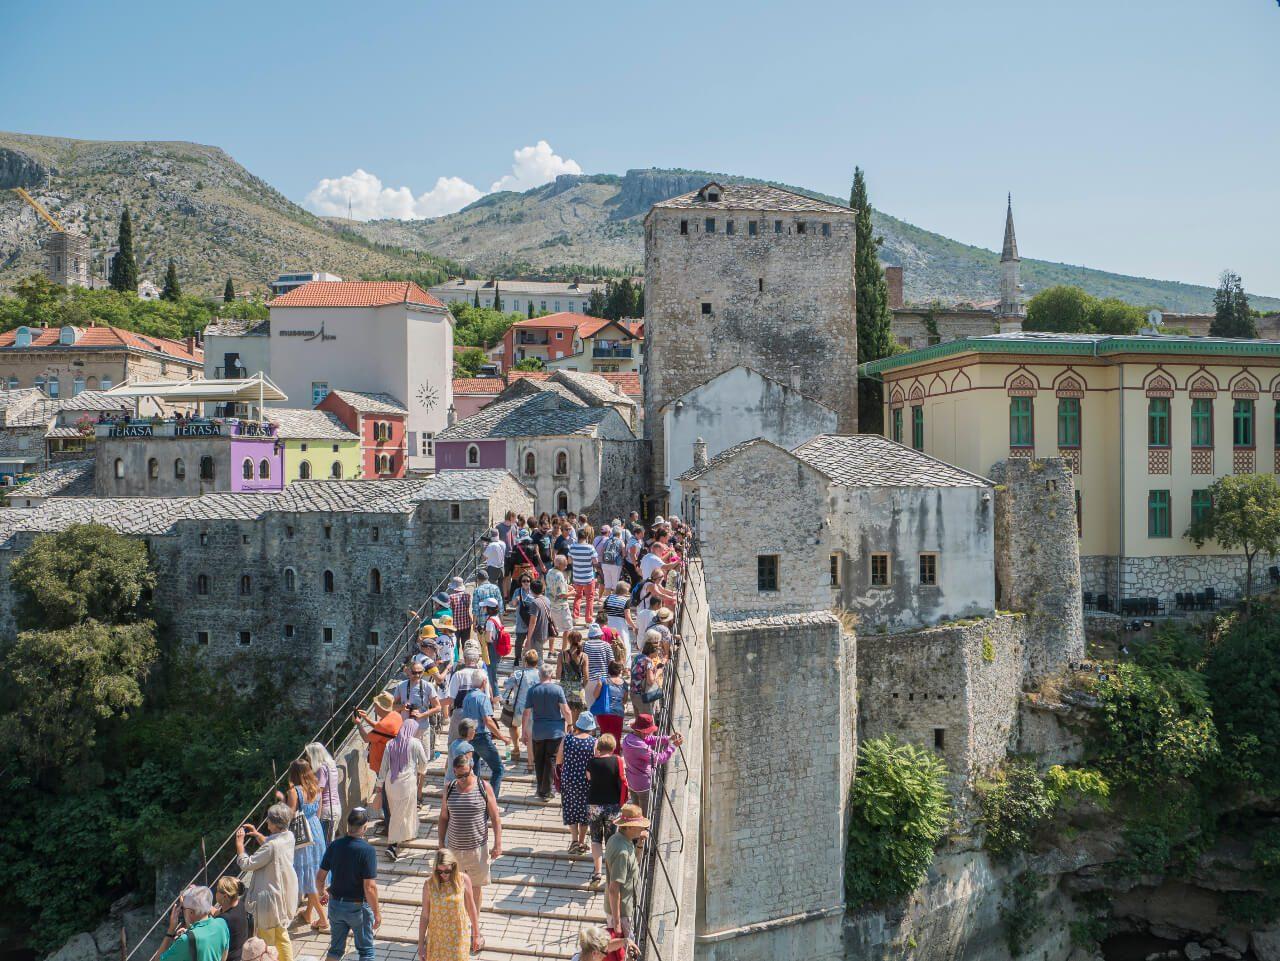 Tłumy przechodzące przez Stary Most, Mostar